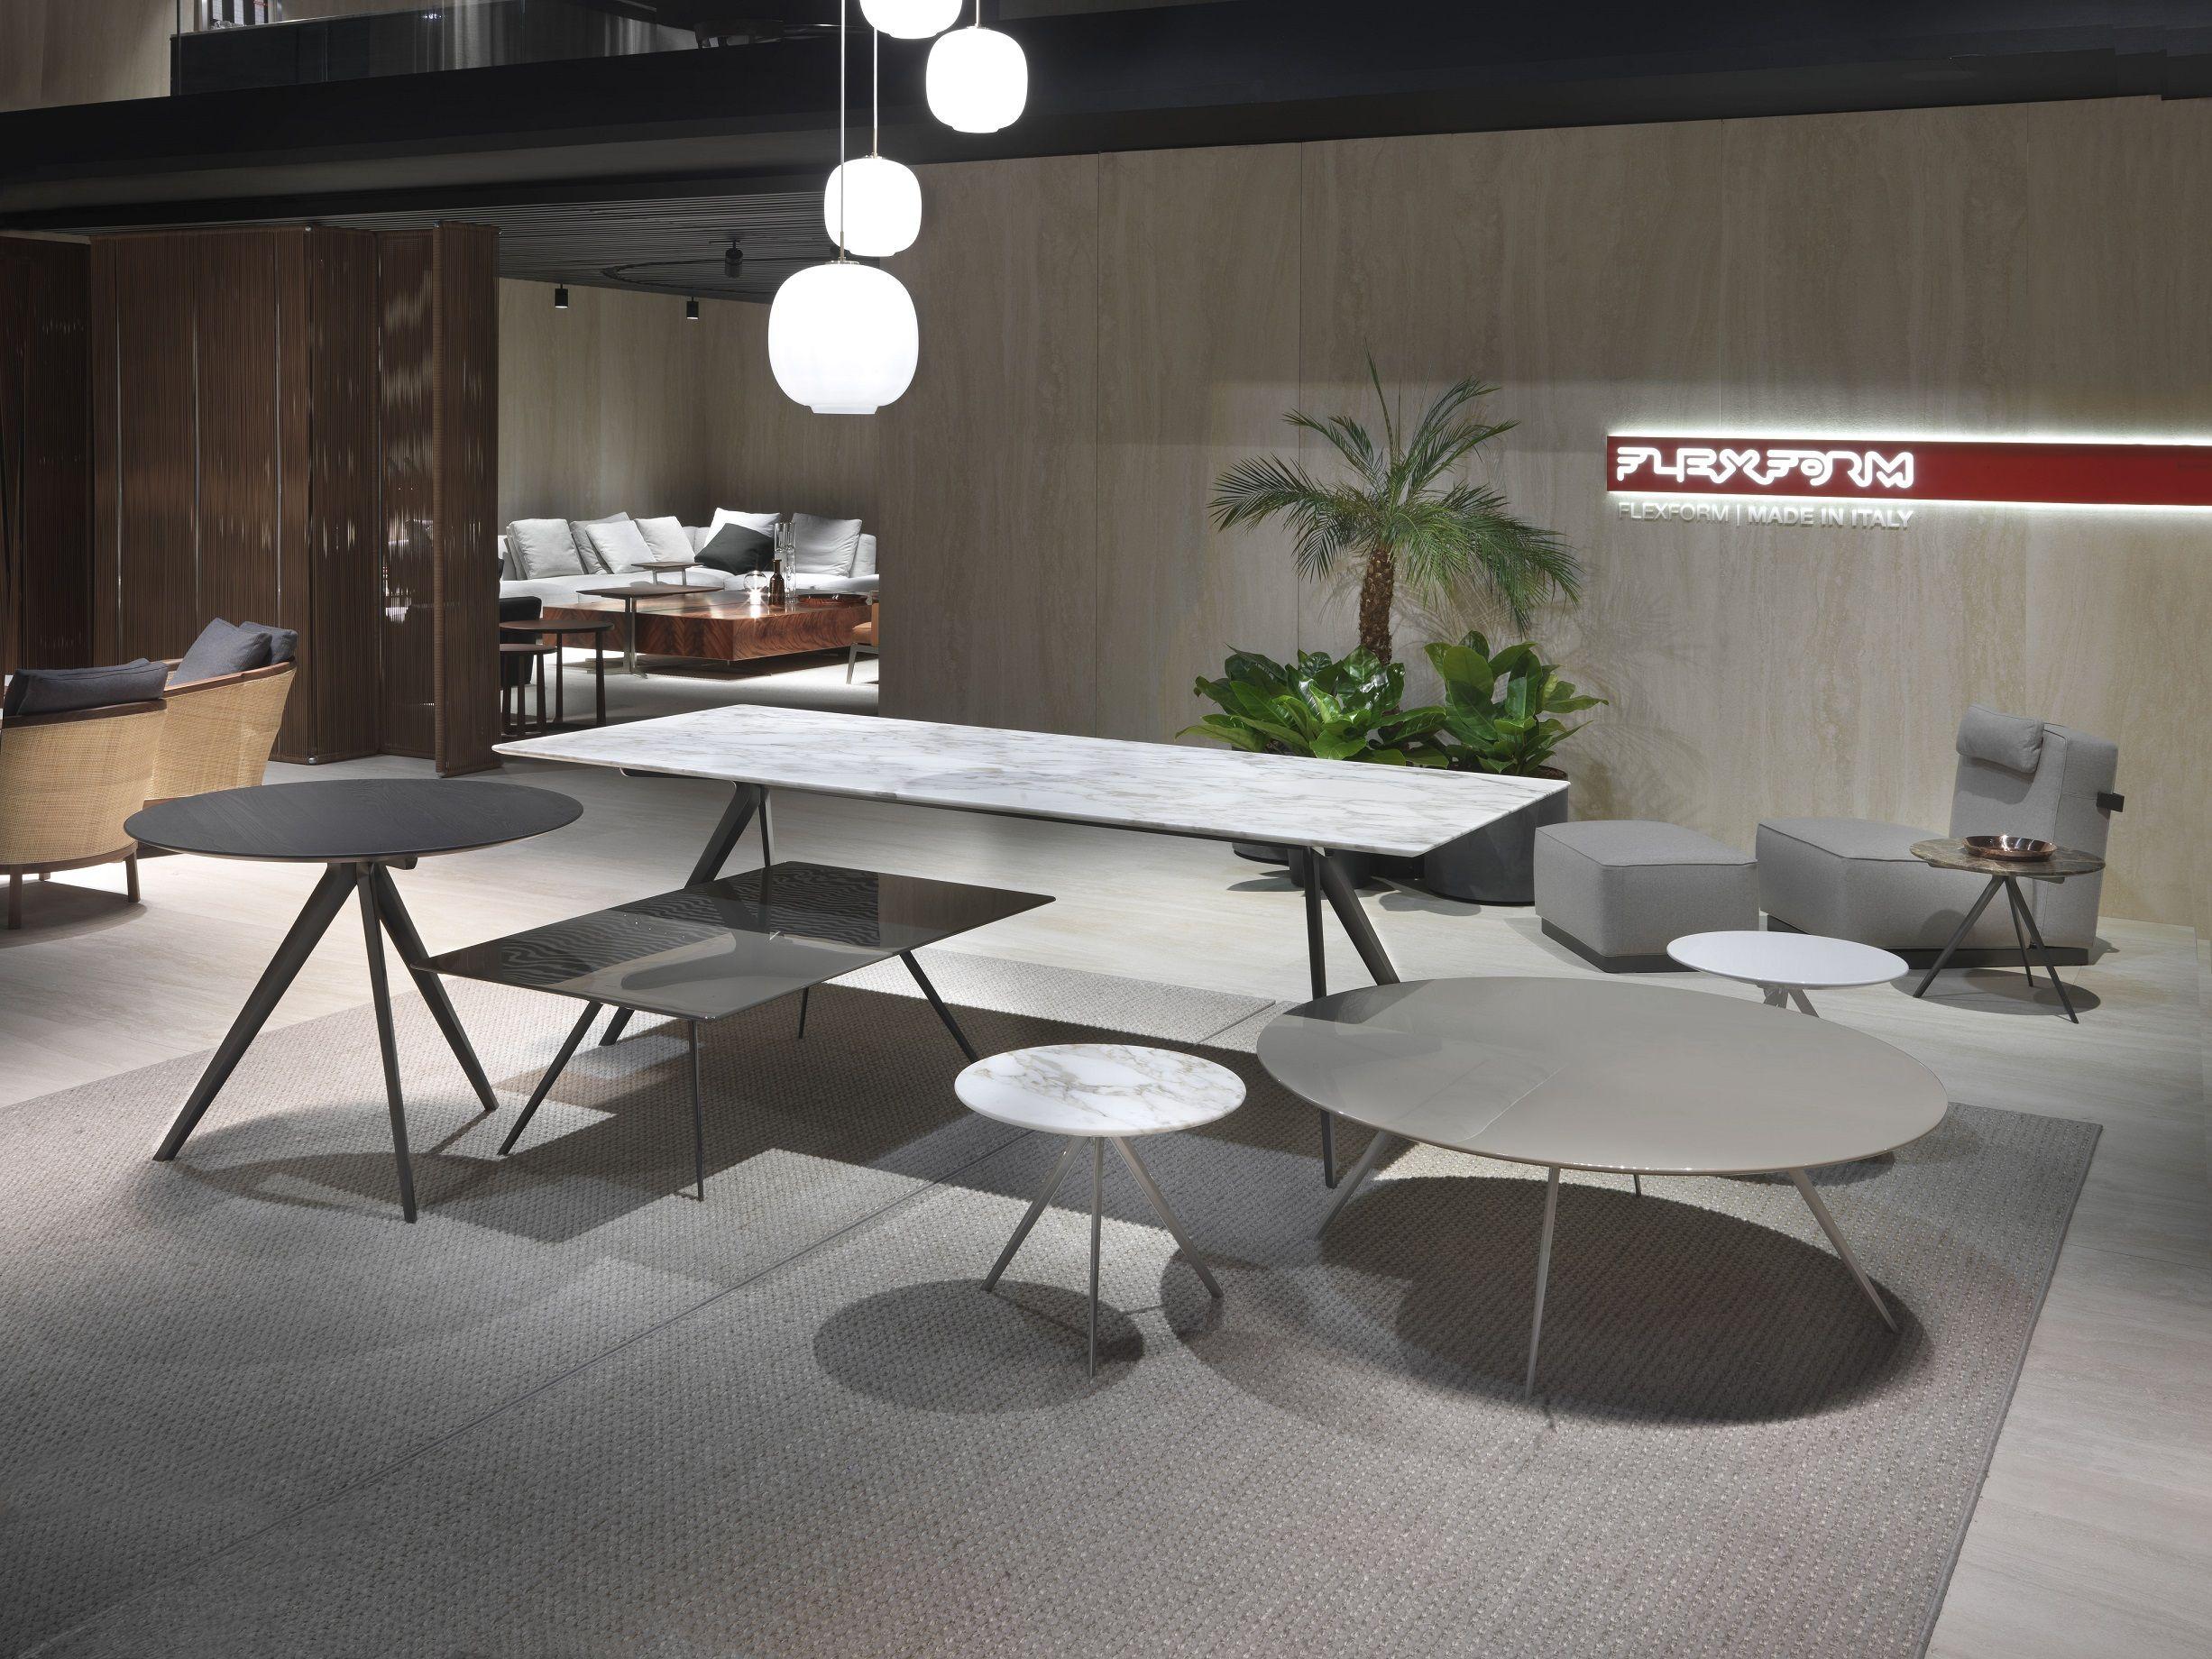 FLEXFORM ZEFIRO new table collection design Antonio Citterio